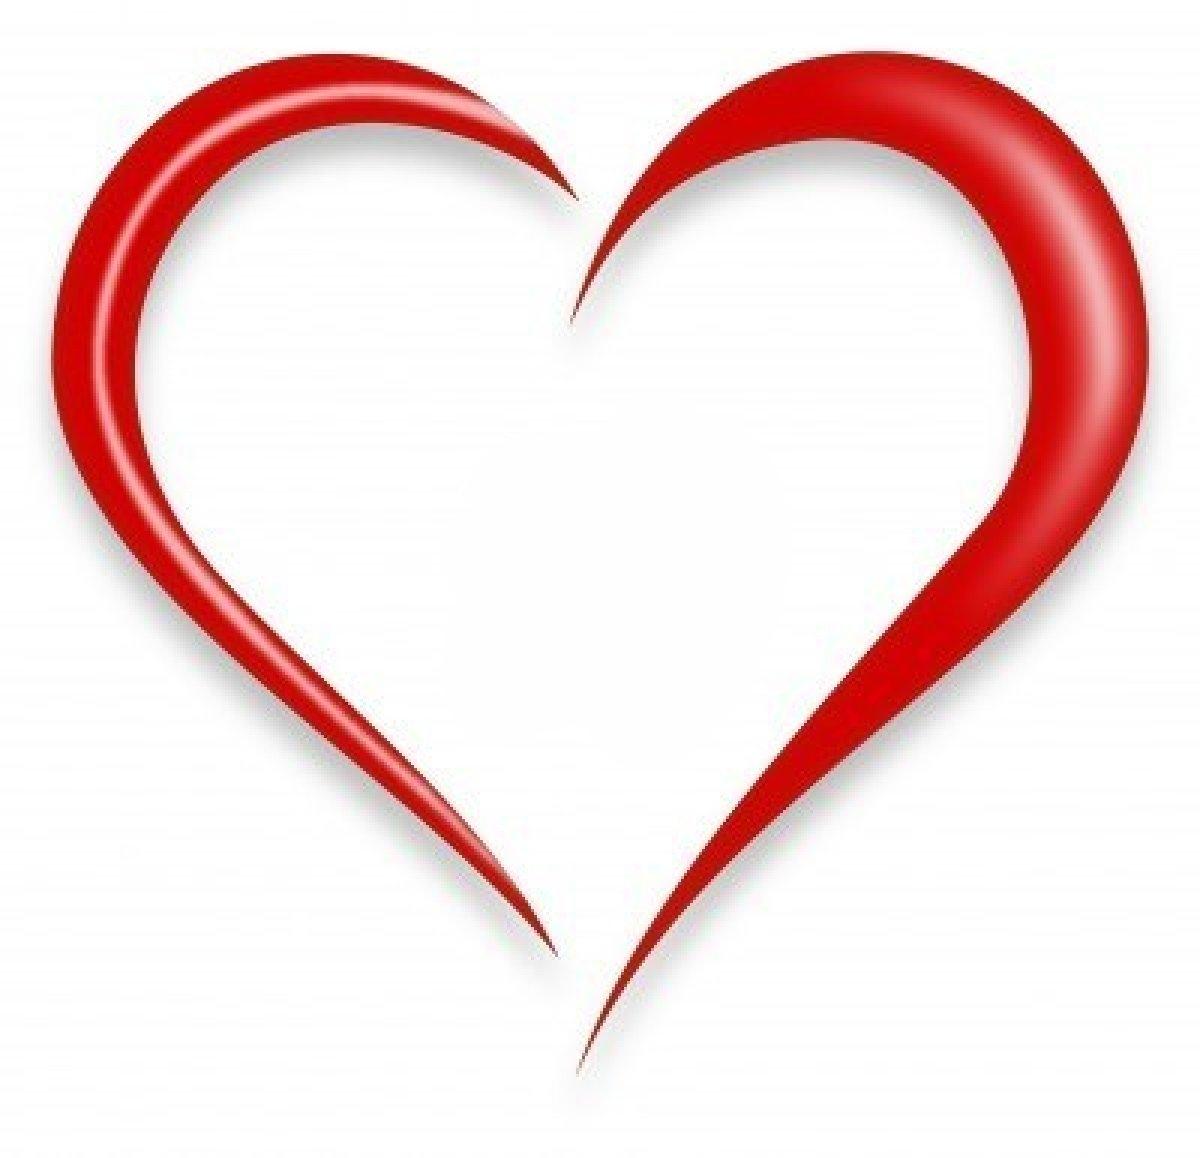 PNG HD Hearts - 124746